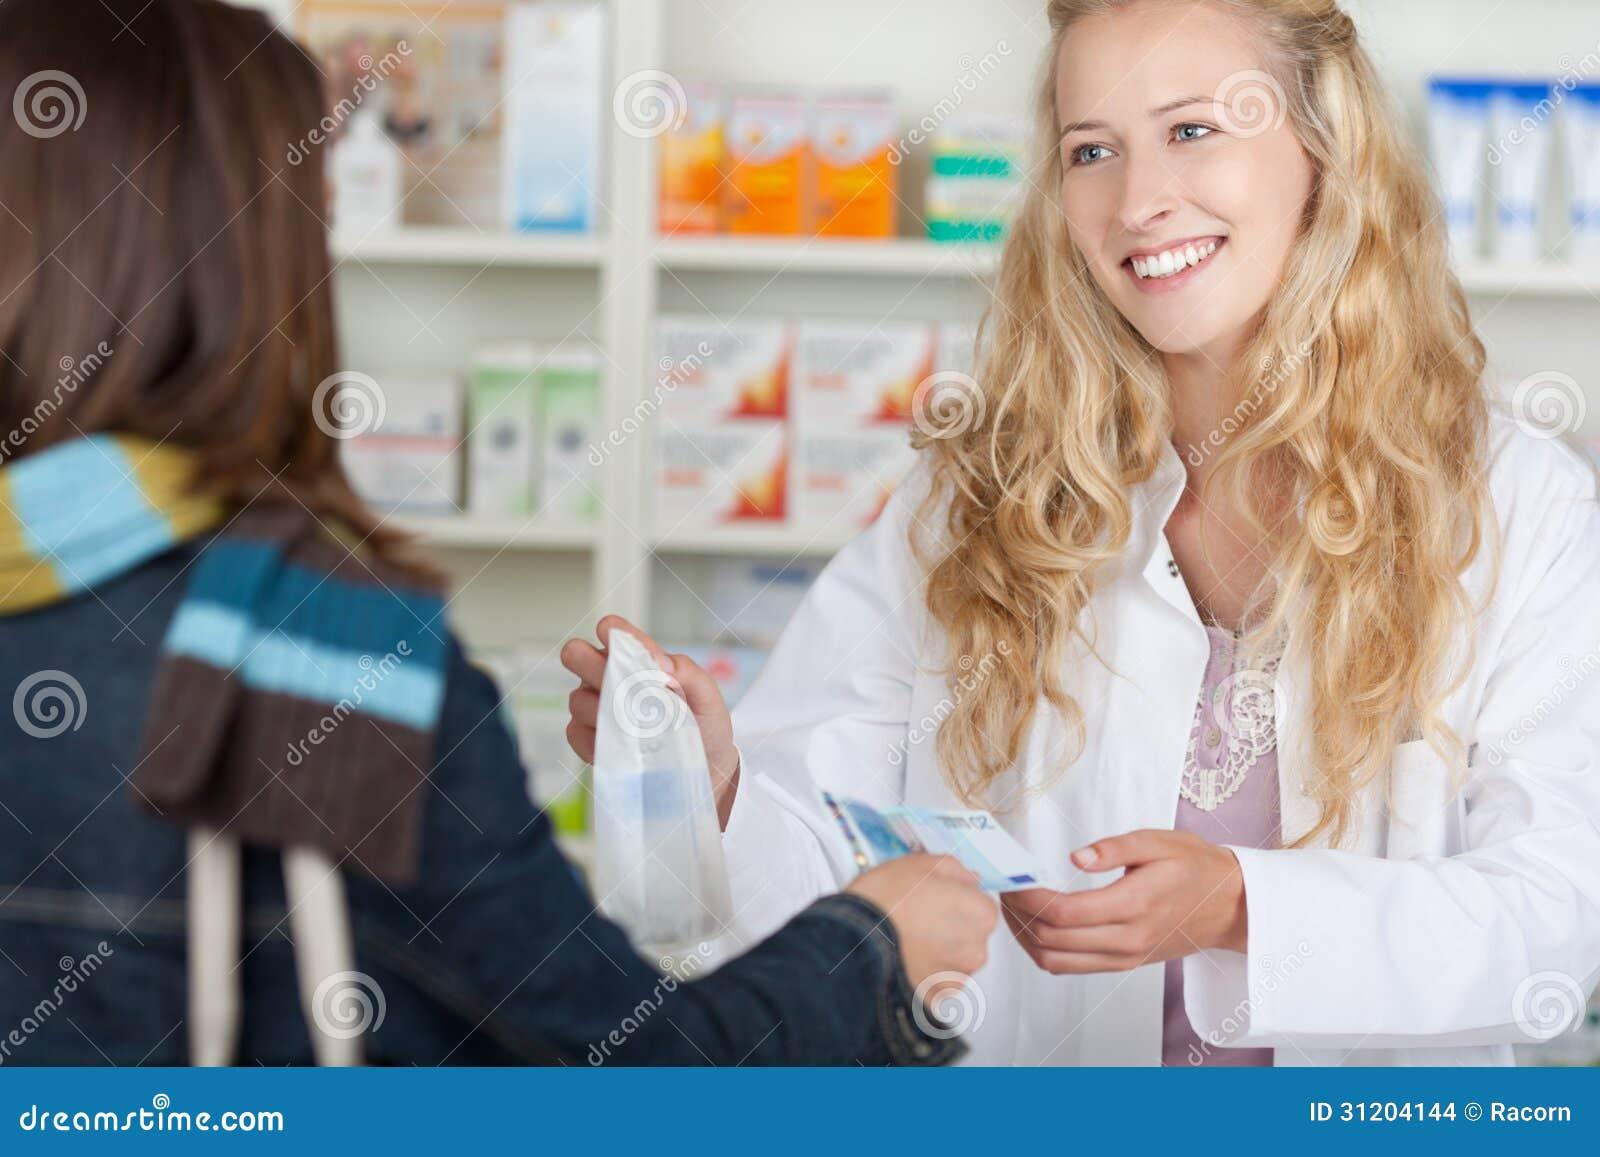 Θηλυκός φαρμακοποιός που λαμβάνει τα χρήματα από τον πελάτη για τα φάρμακα